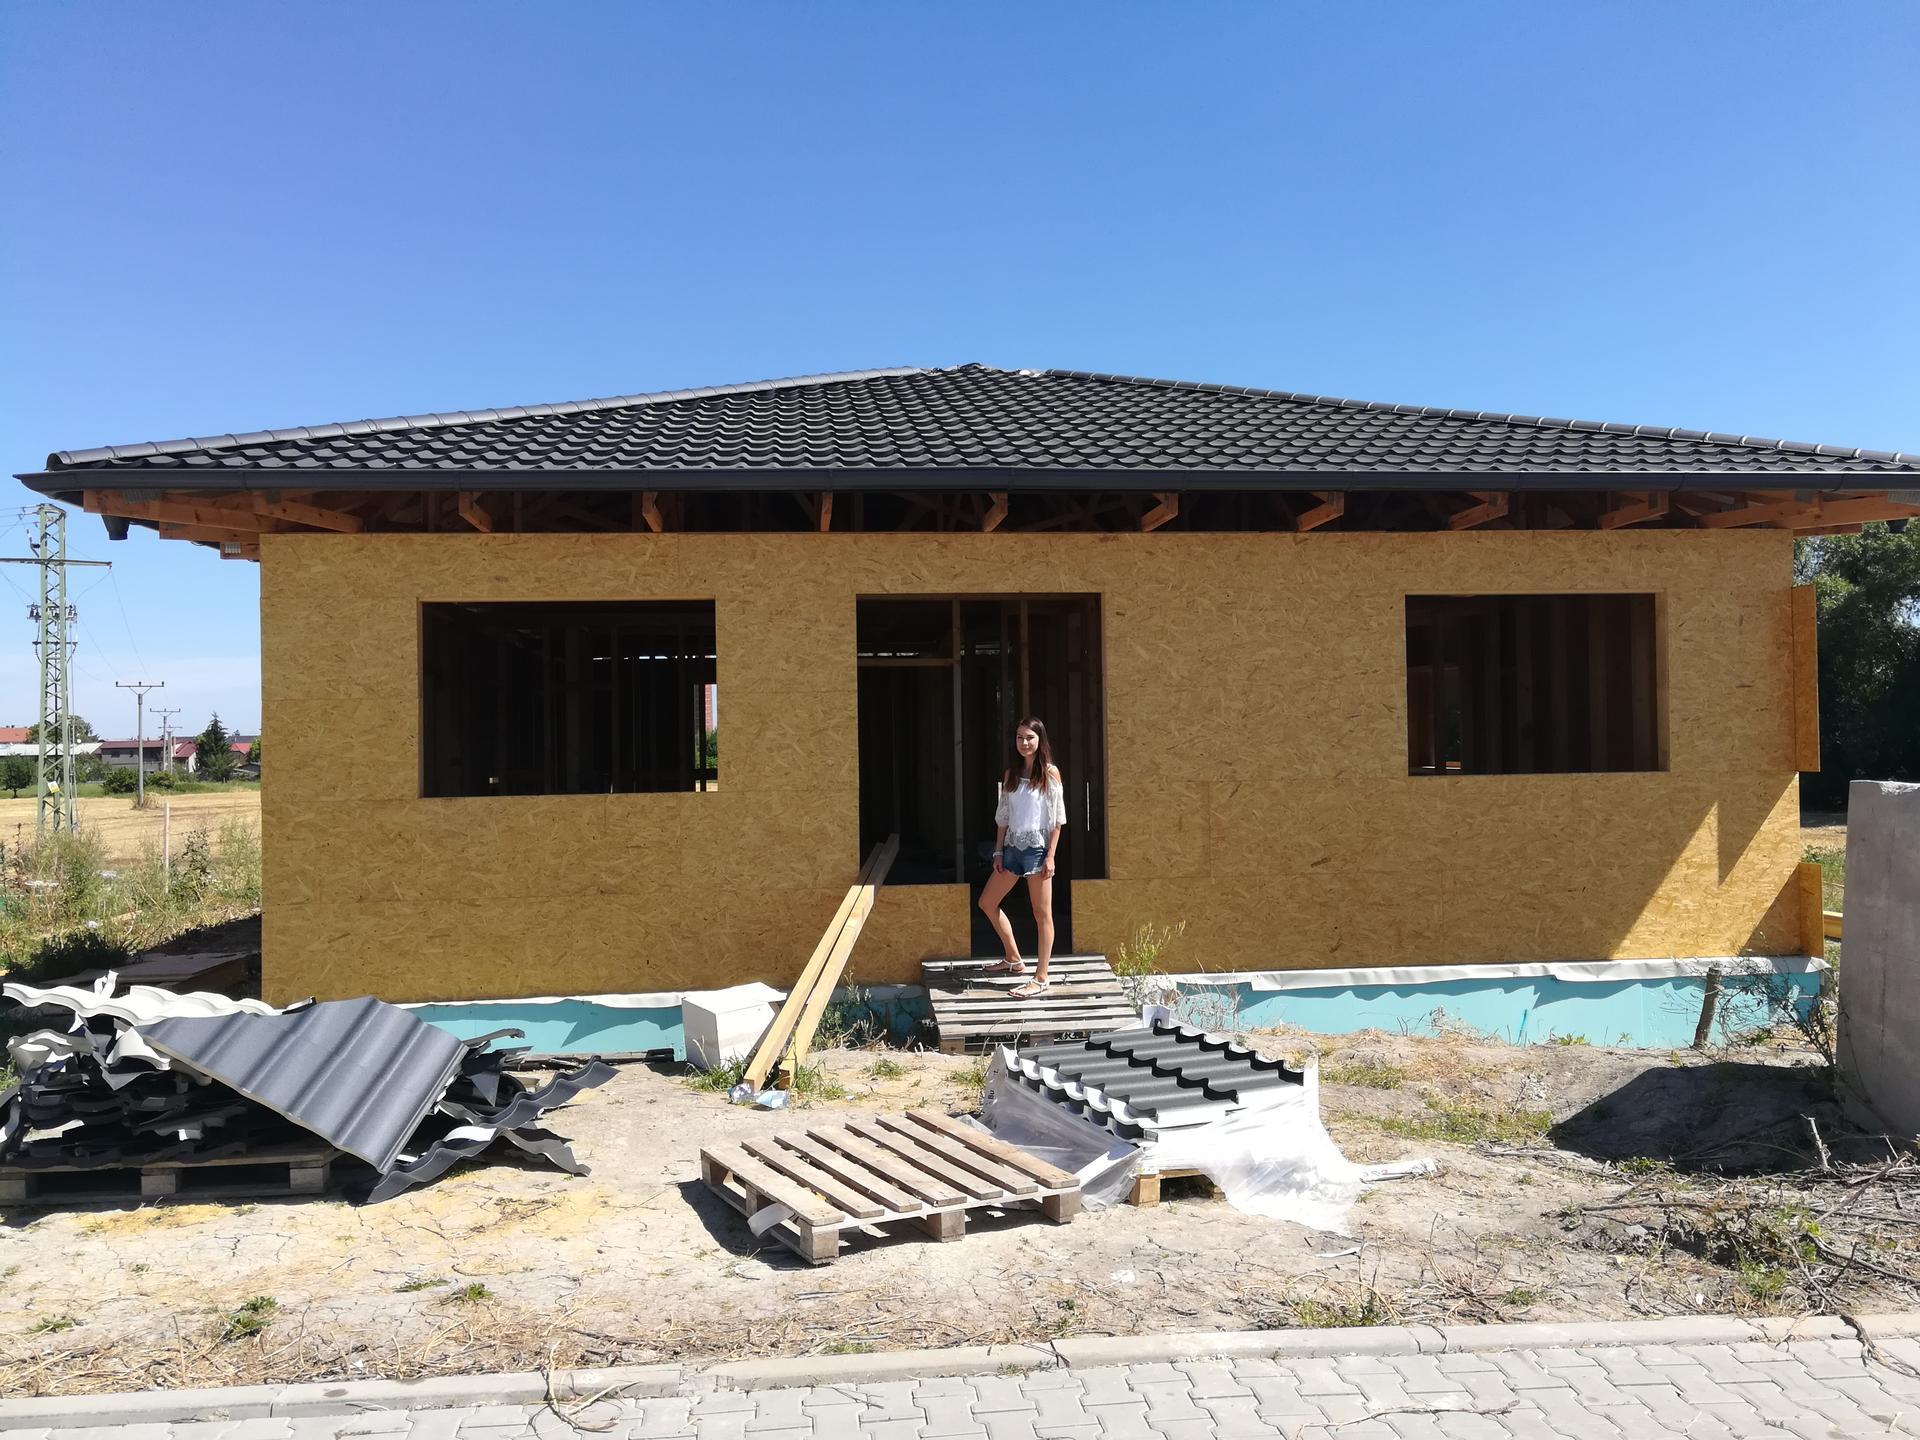 Pomalu začínáme stavět - 1.8.2020 téměř hotová střecha...juchů☺